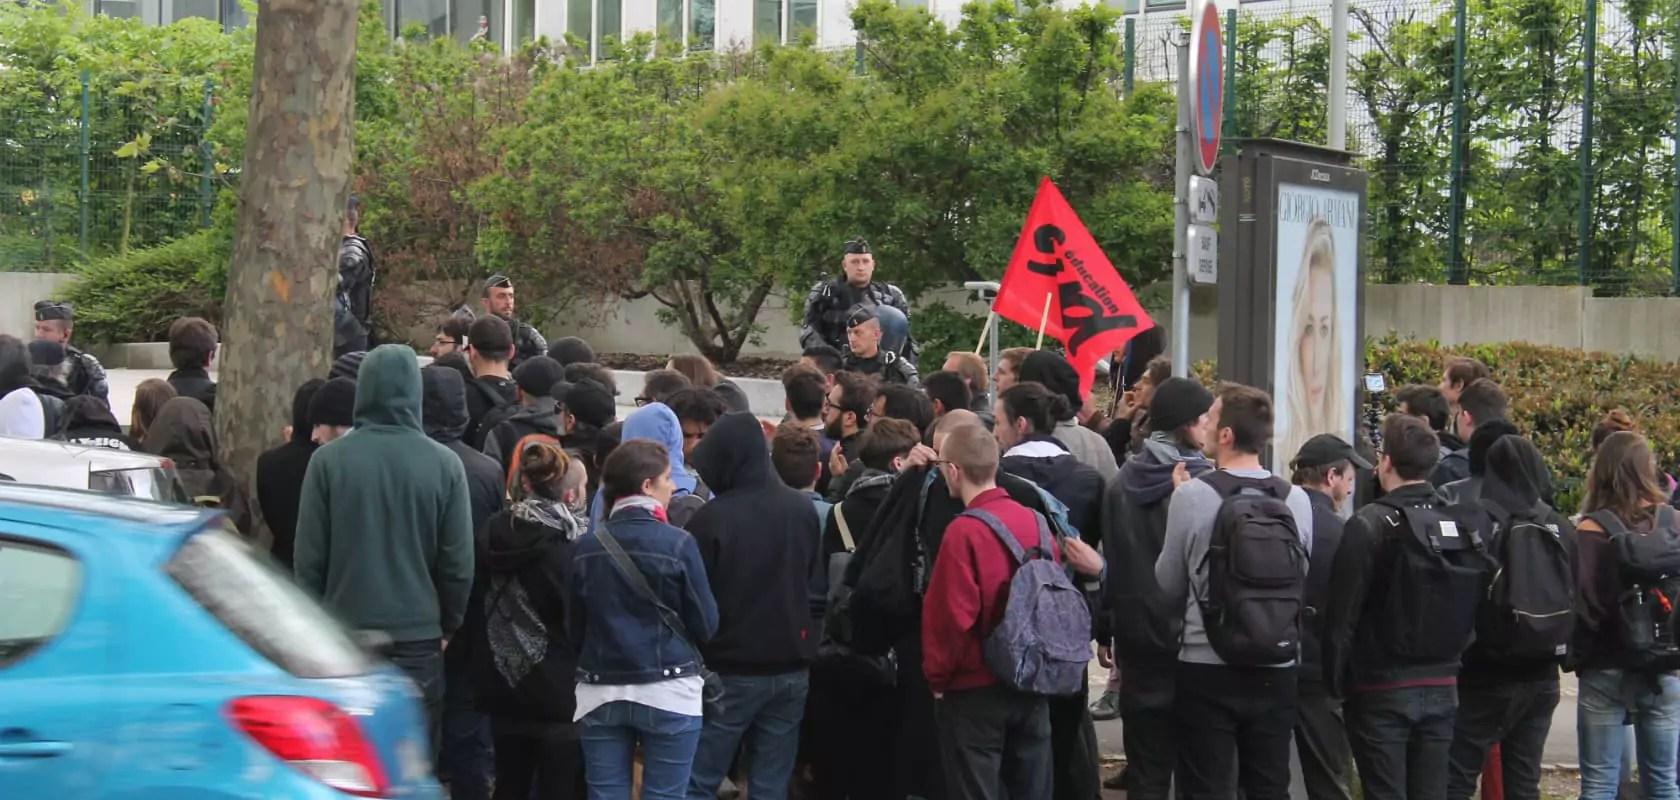 Deux interpellations en marge de la manifestation contre la loi travail